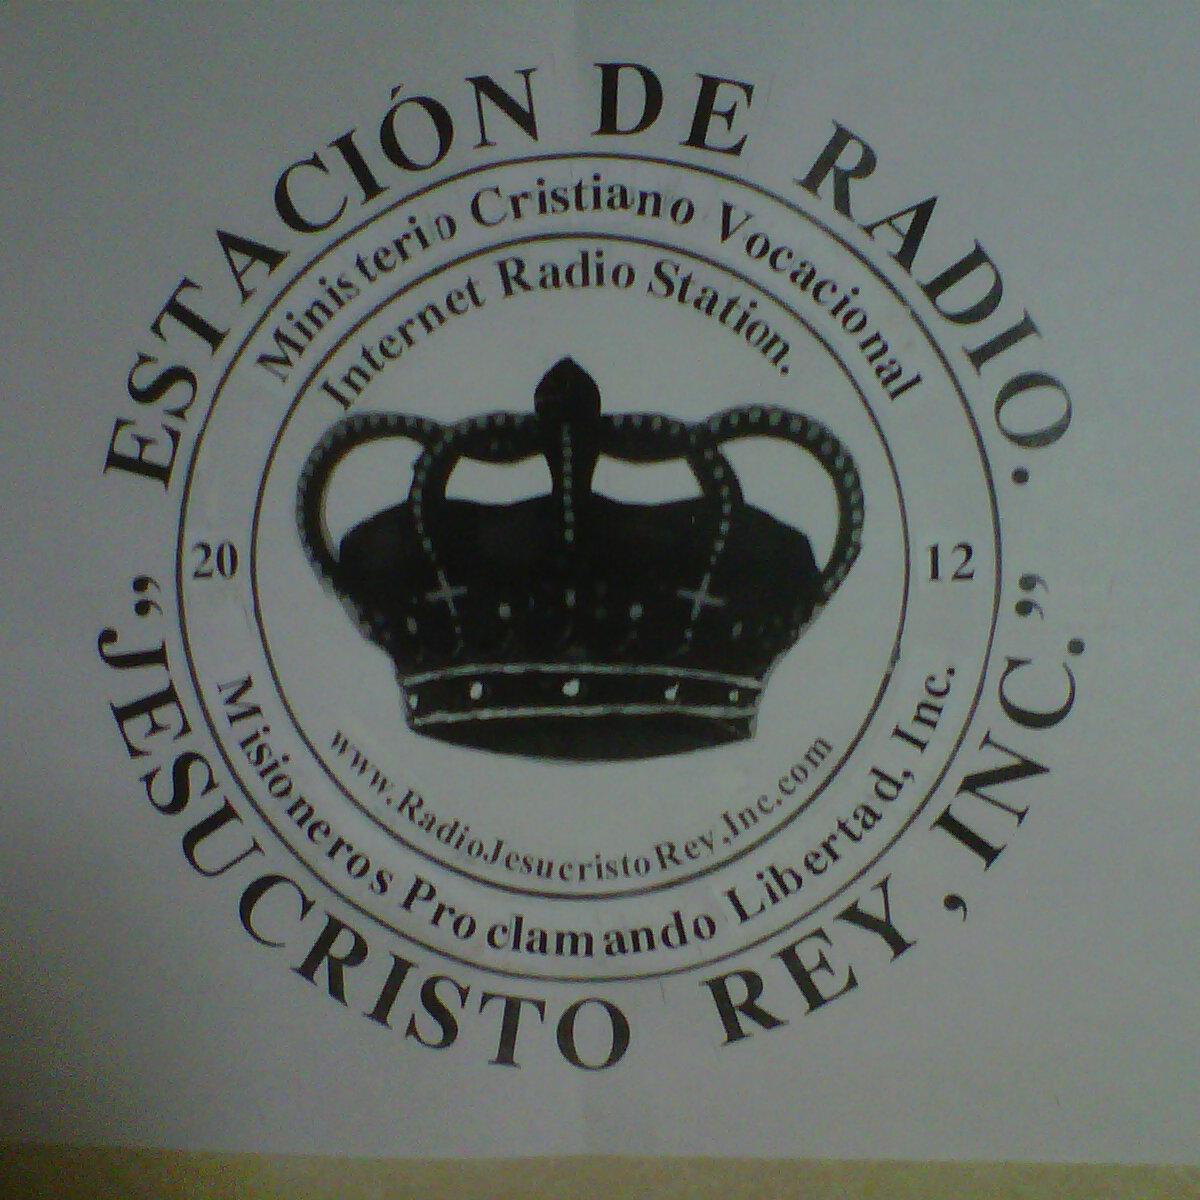 Radio Jesucristo Rey, Inc.